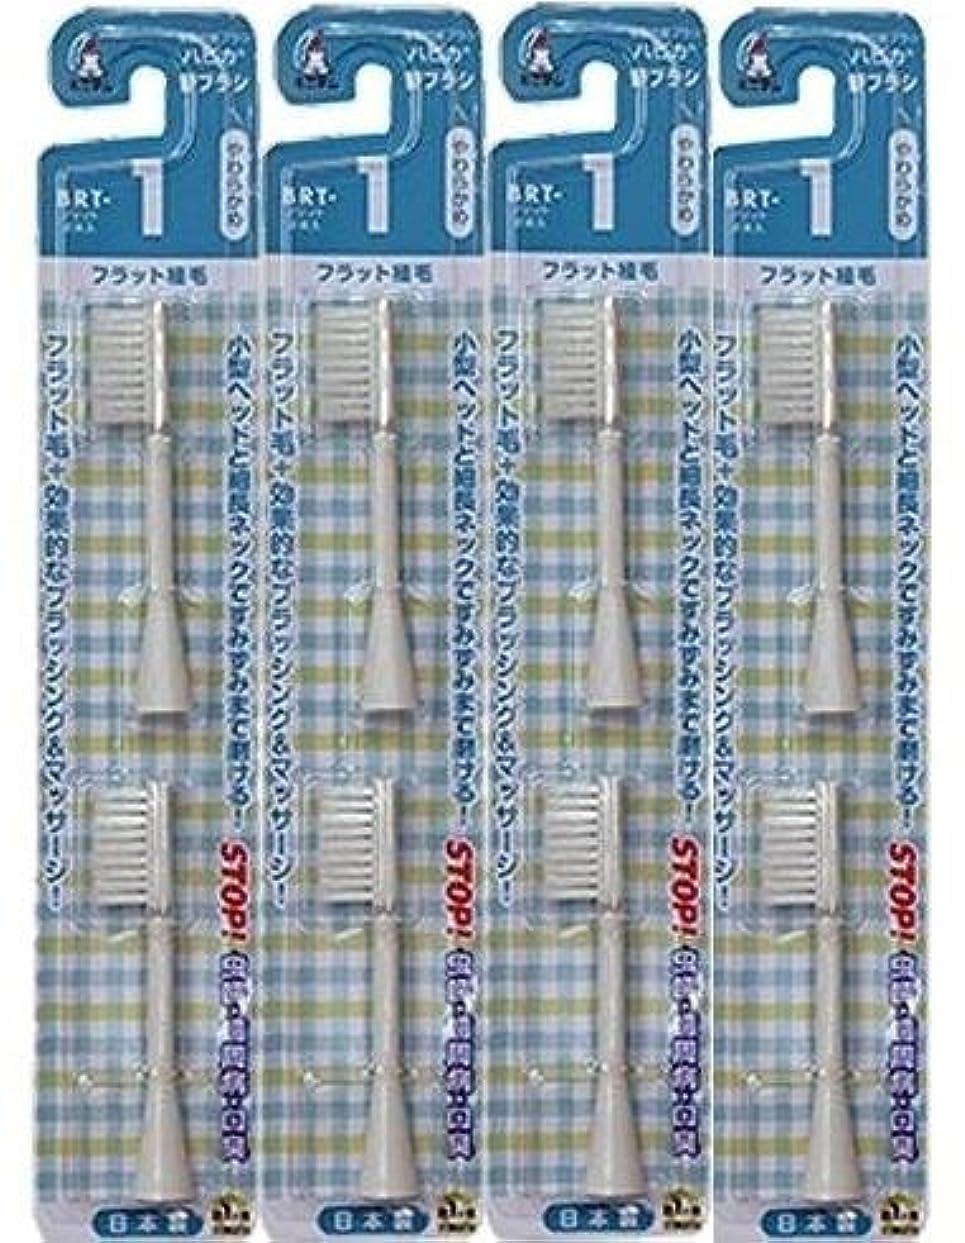 マスタード伝記宿題電動歯ブラシ ハピカ専用替ブラシやわらかめフラット植毛2本入(BRT-1T)×4個セット